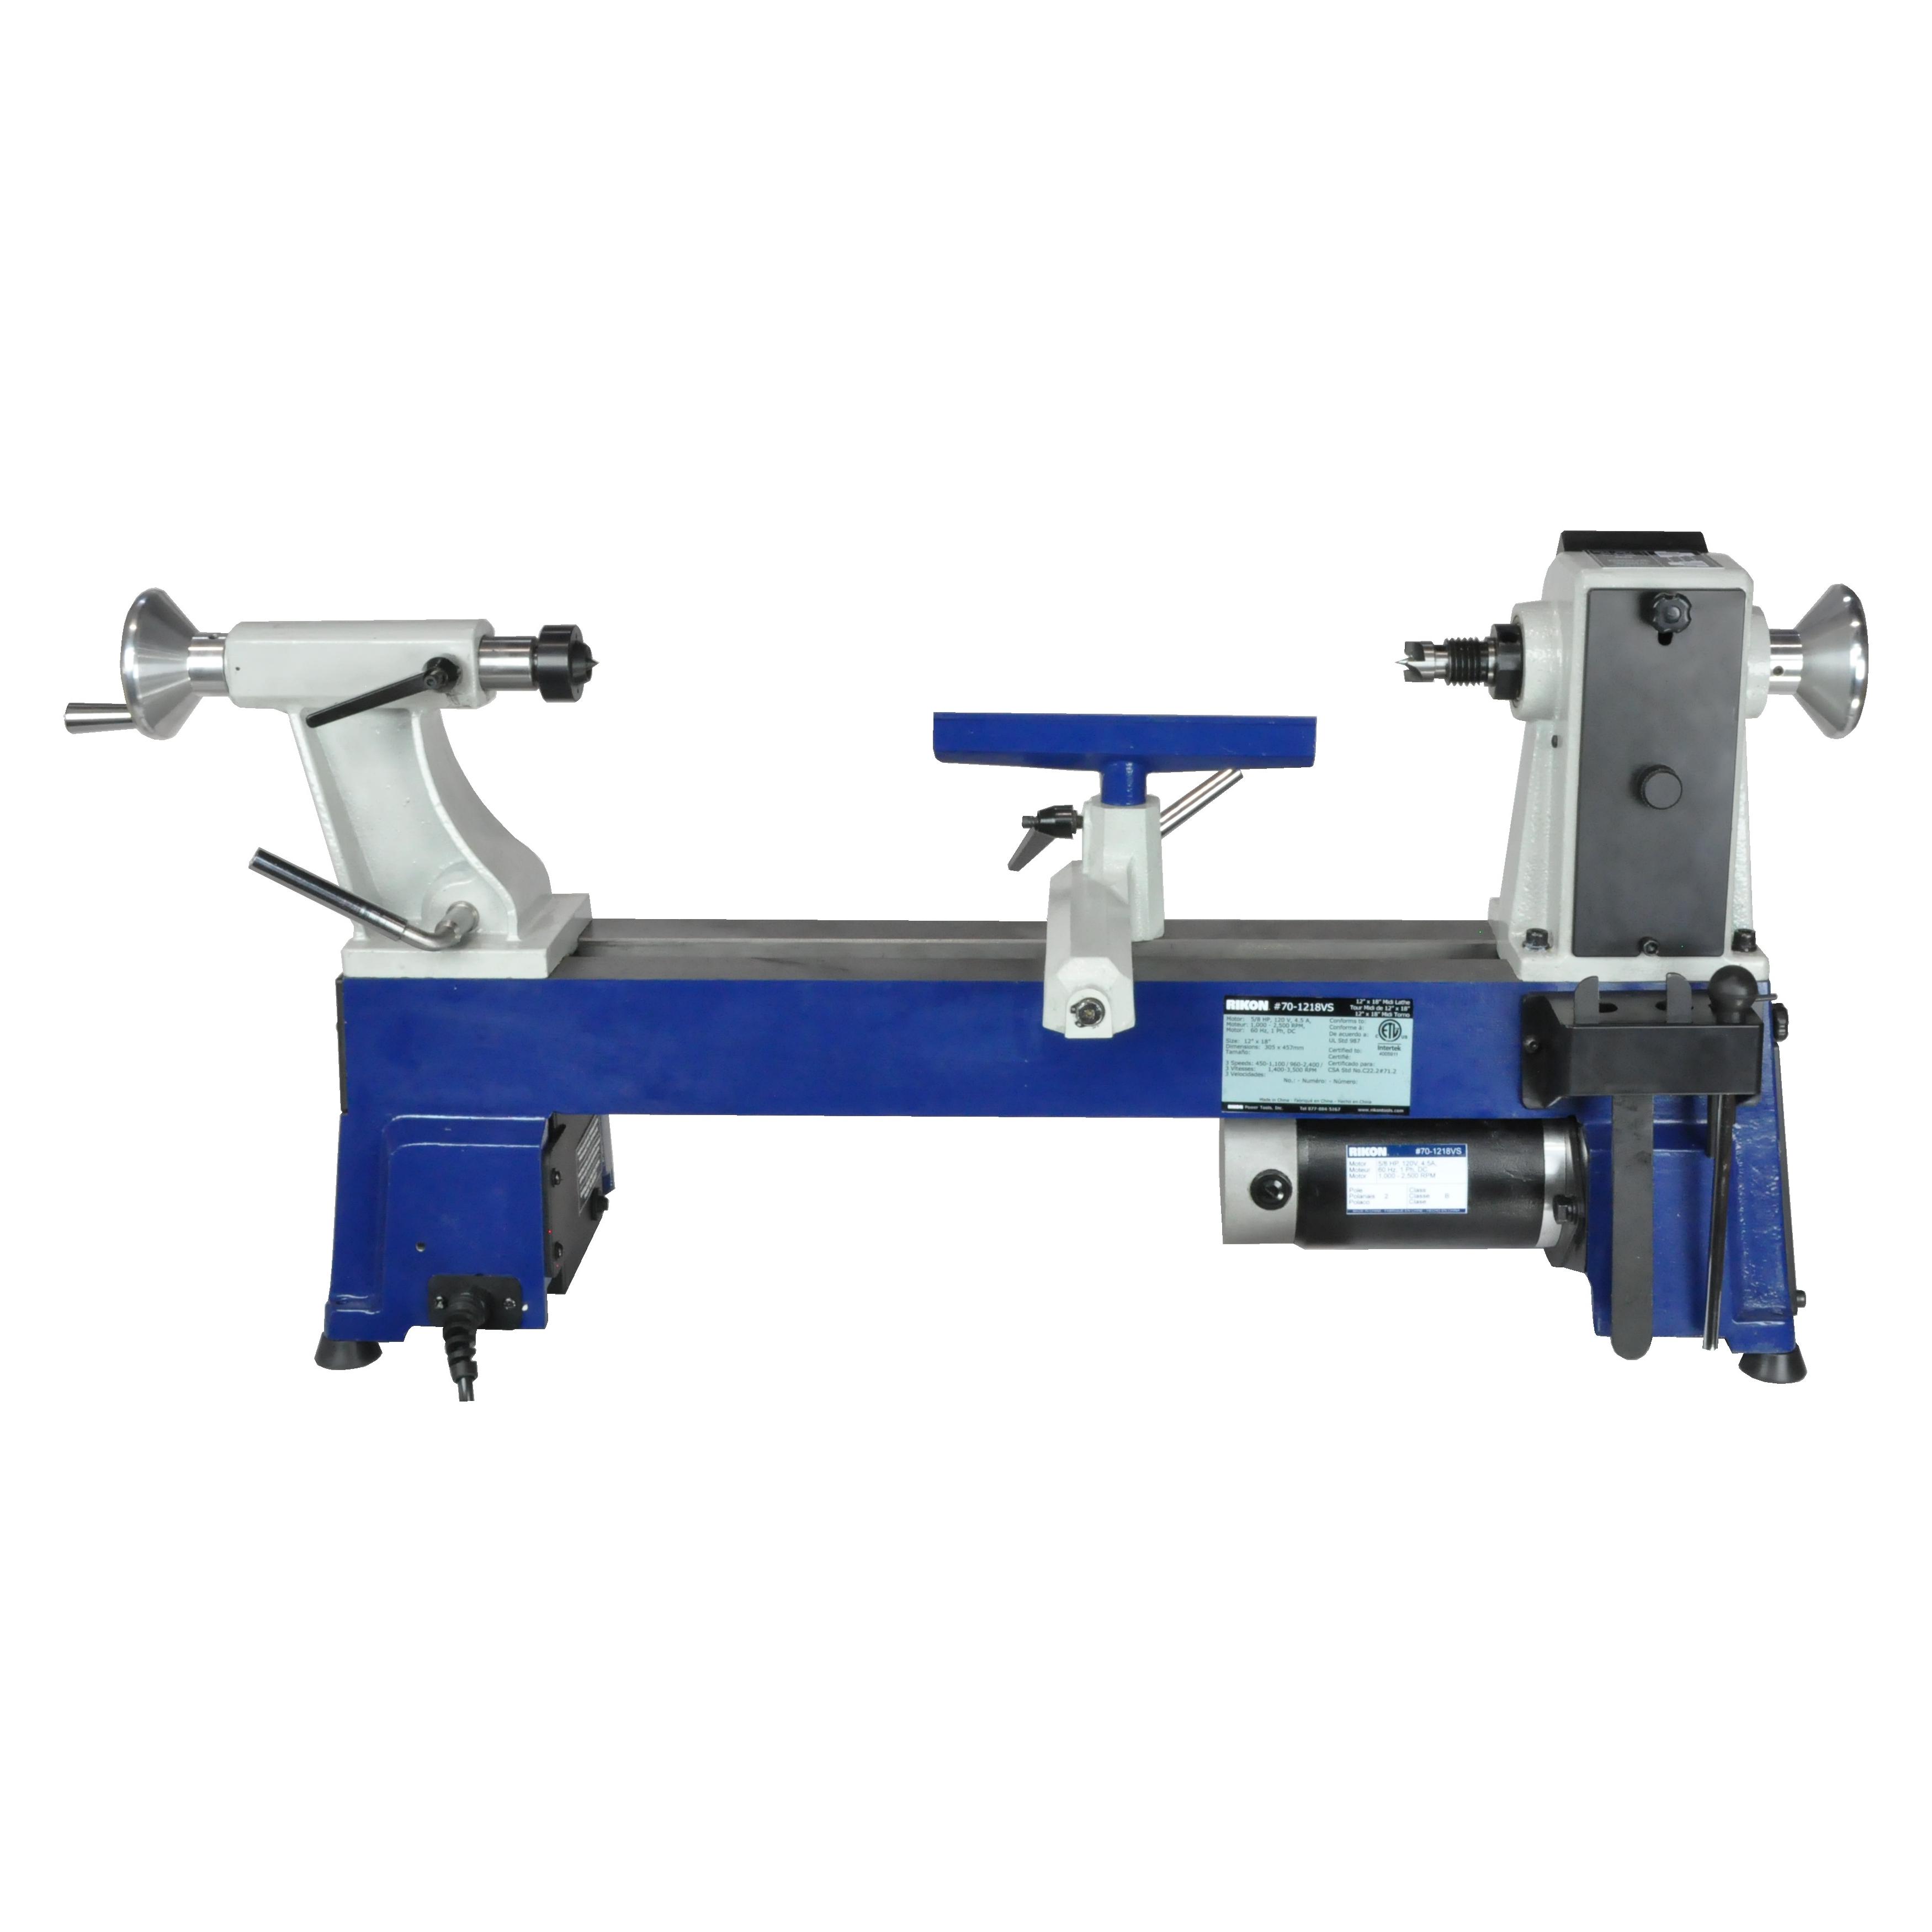 Model 70 1218vs 12 X 18 Midi Lathe Rikon Power Tools